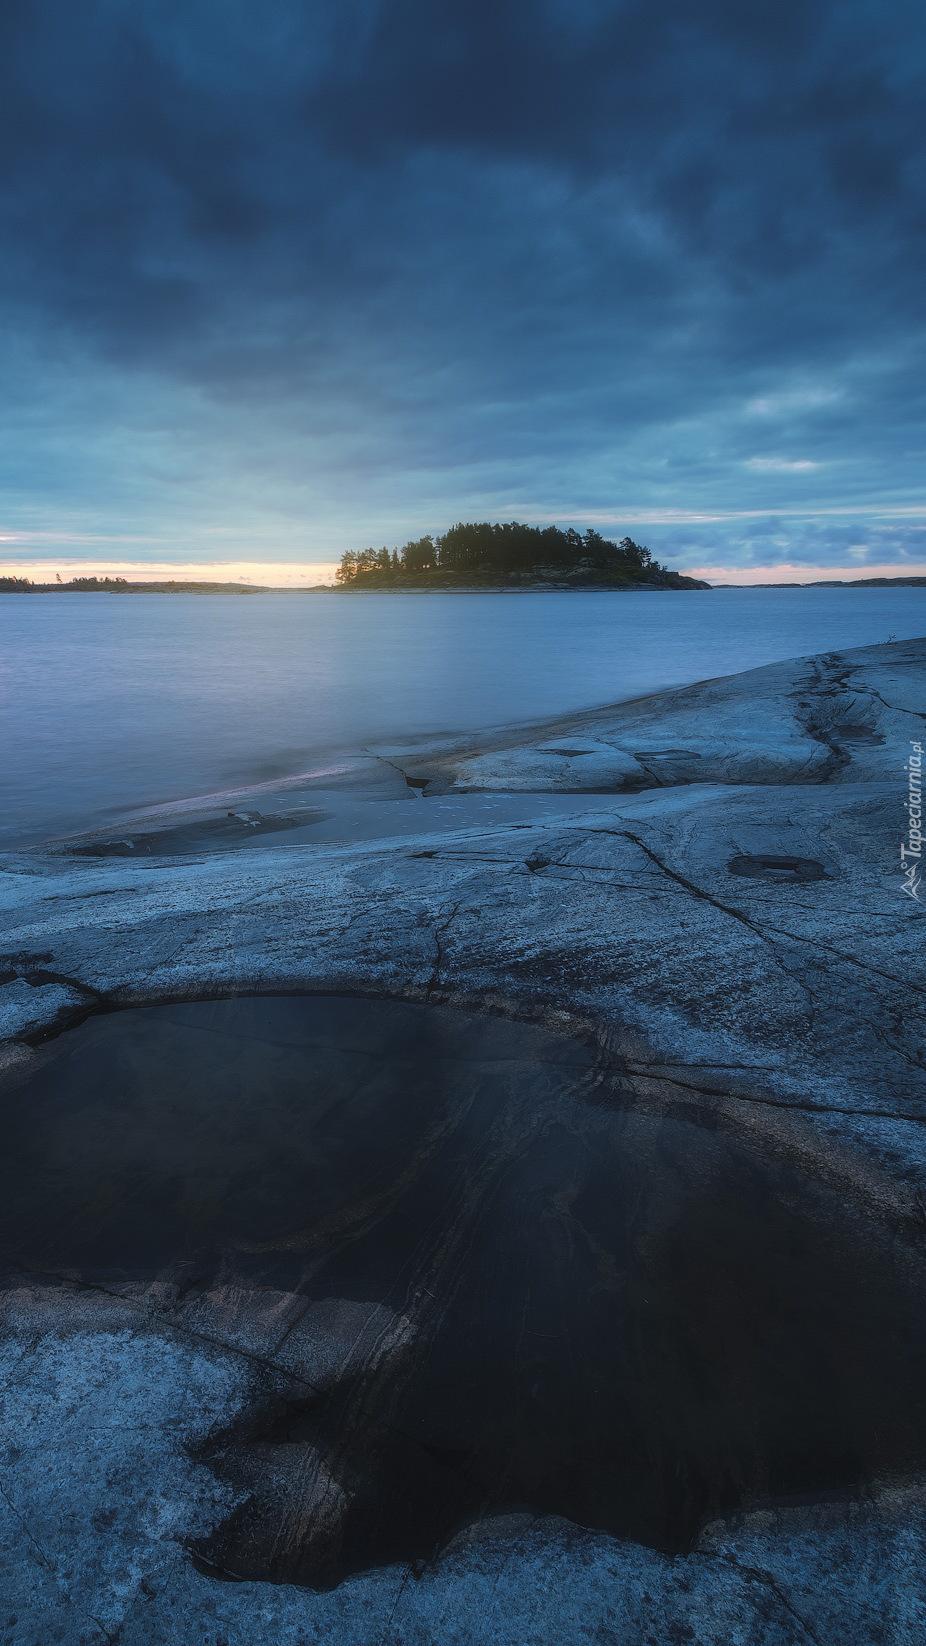 Jezioro Ładoga w Republice Karelii